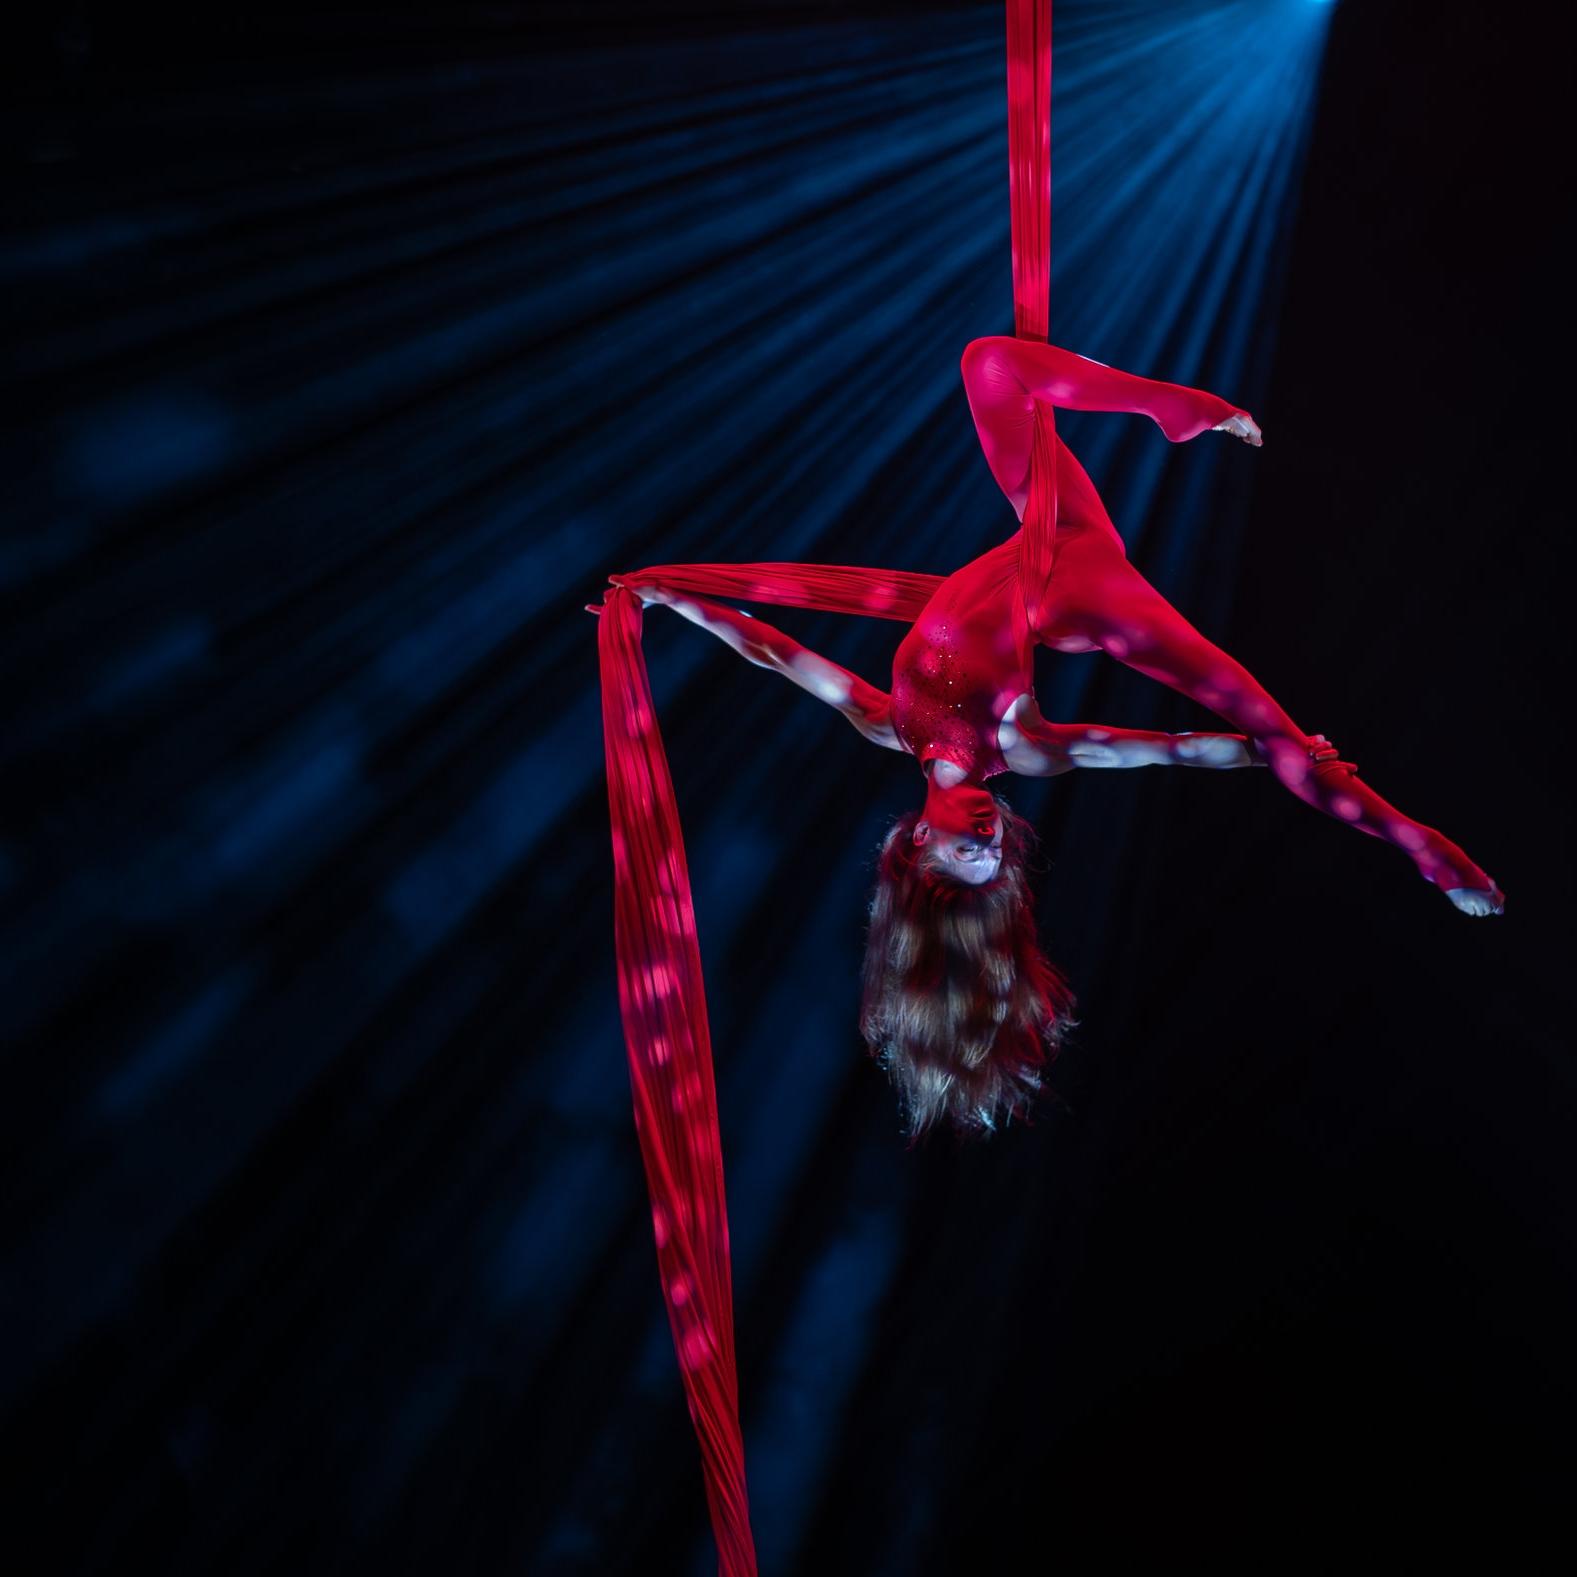 erika-lemay-aerial-silks.jpg